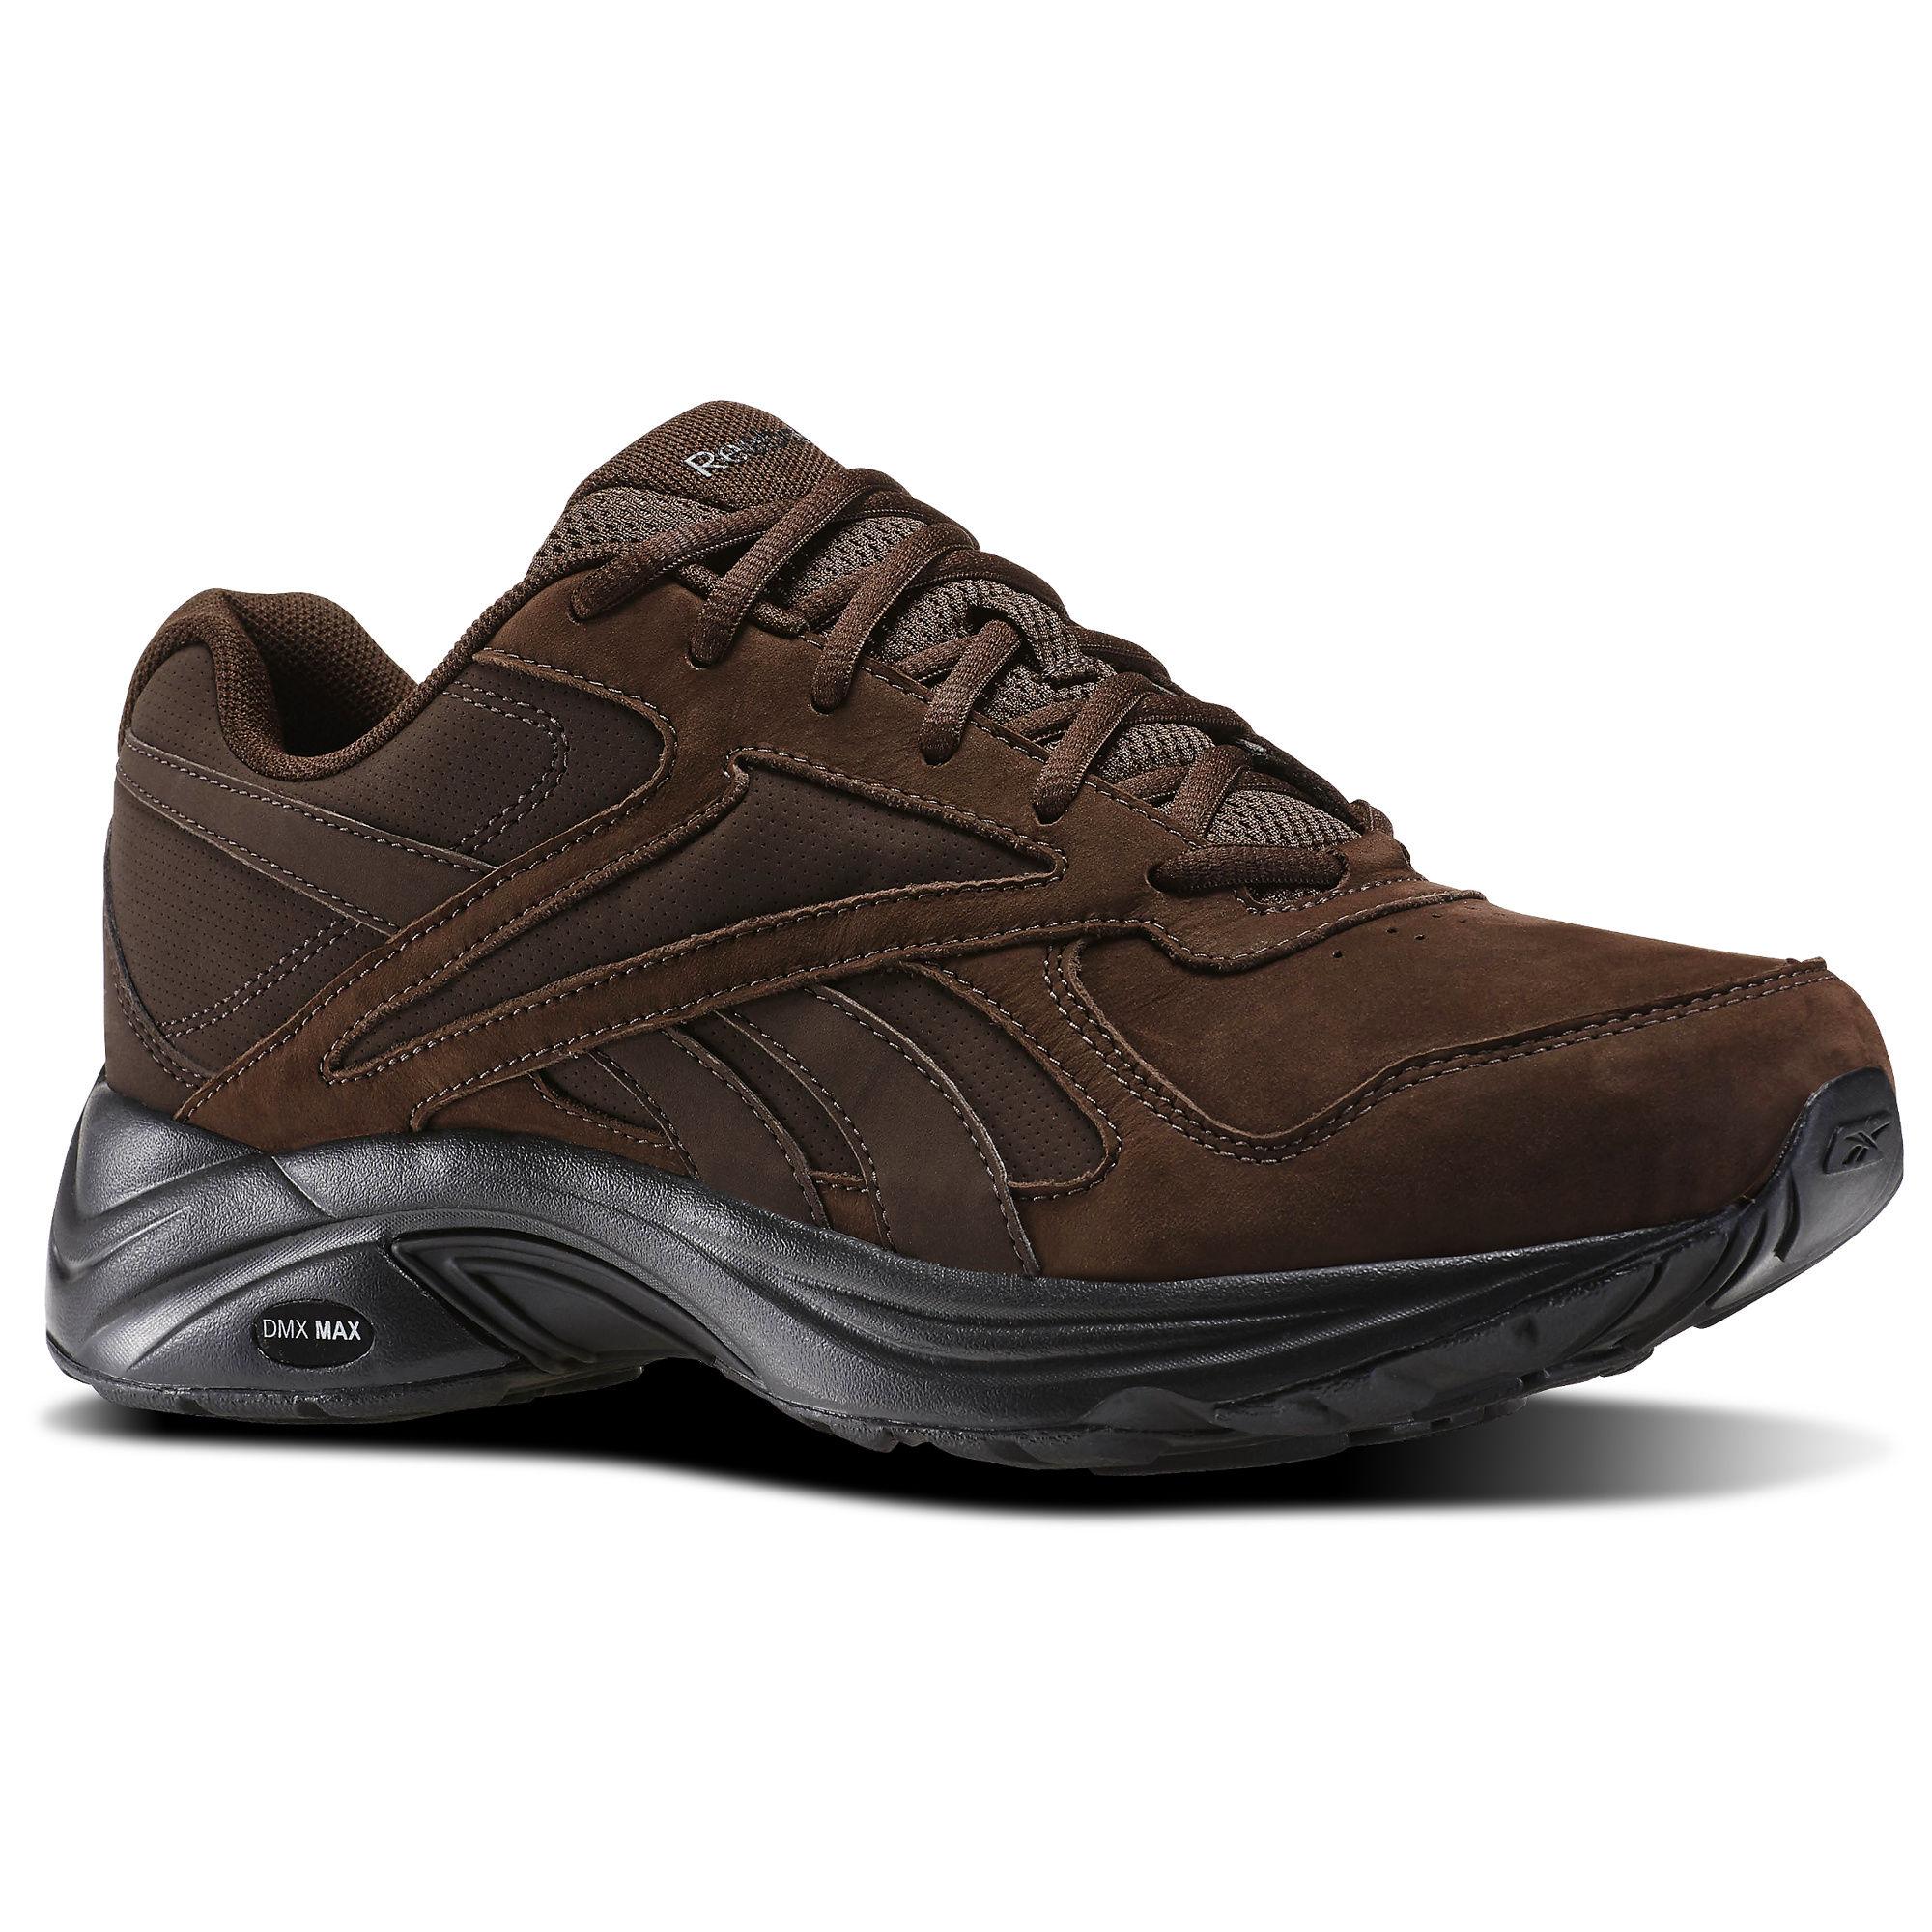 645a028e7157 Reebok Extra 40% Off Sale  Men s Walk Ultra V DMX MAX RG Walking ...